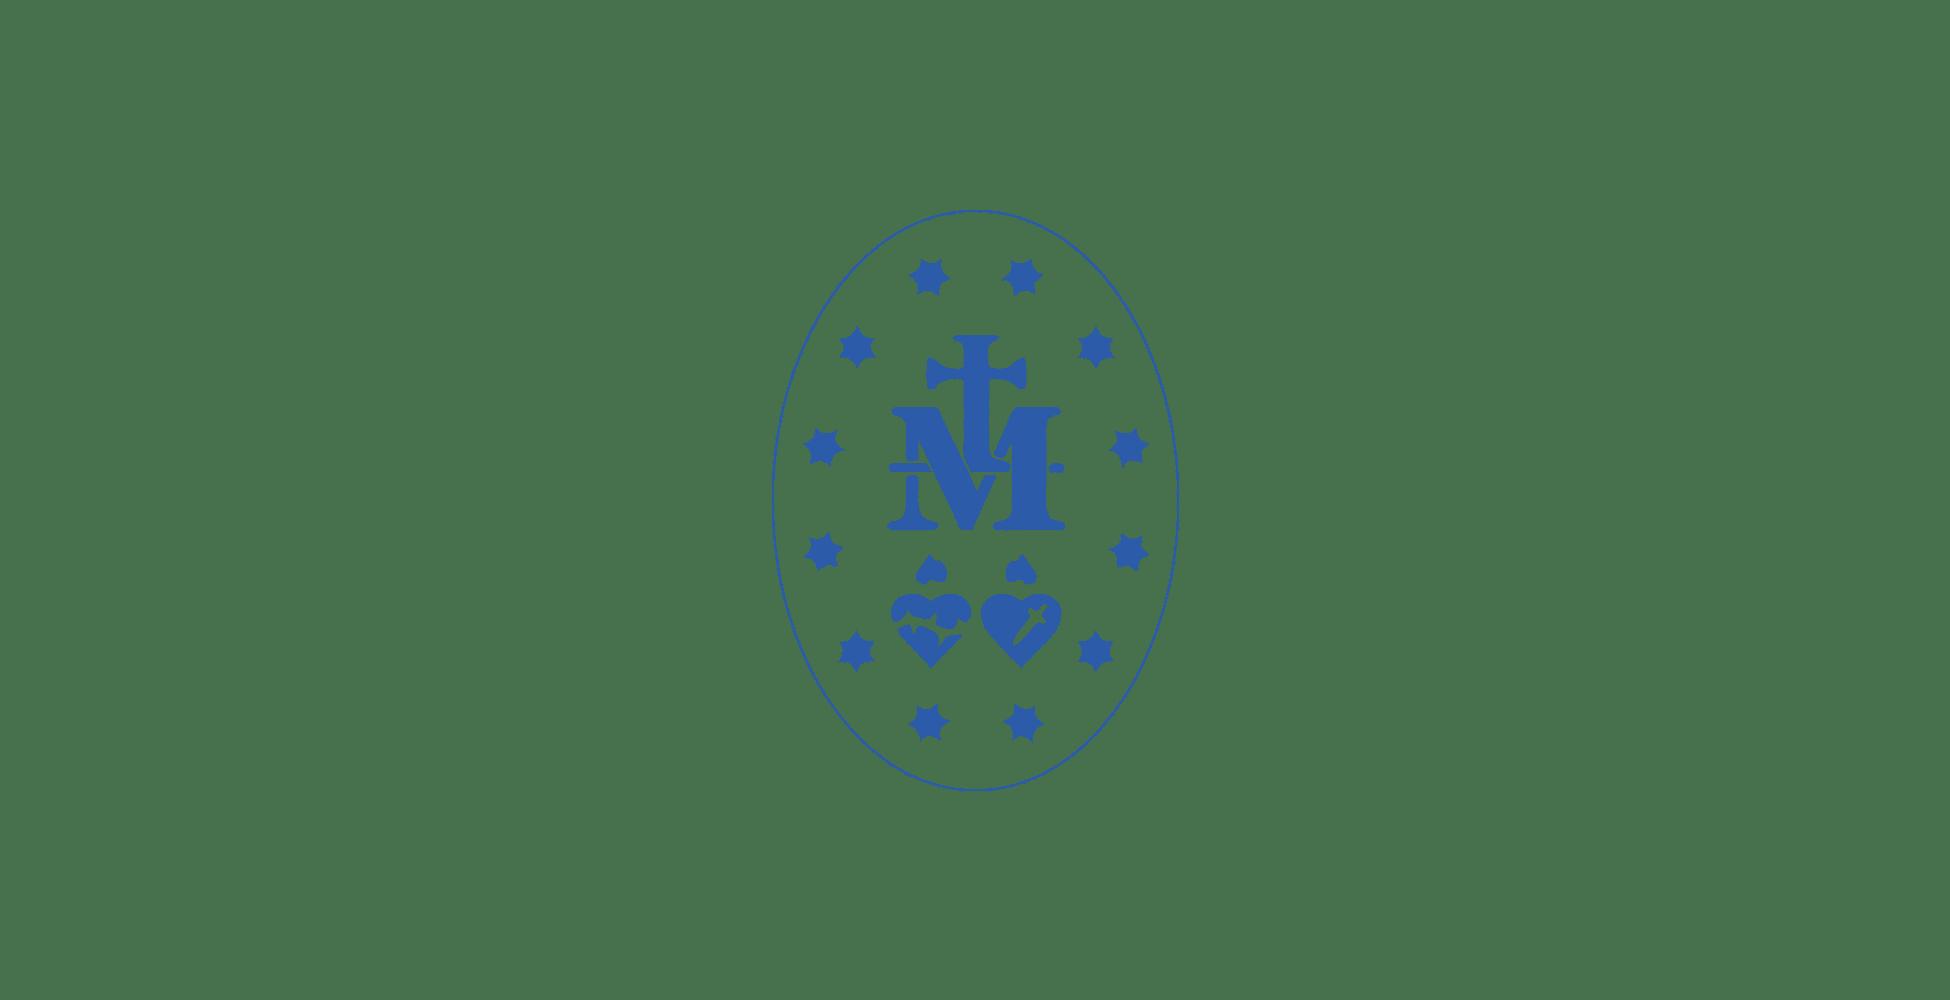 significado del reverso de la medalla milagrosa